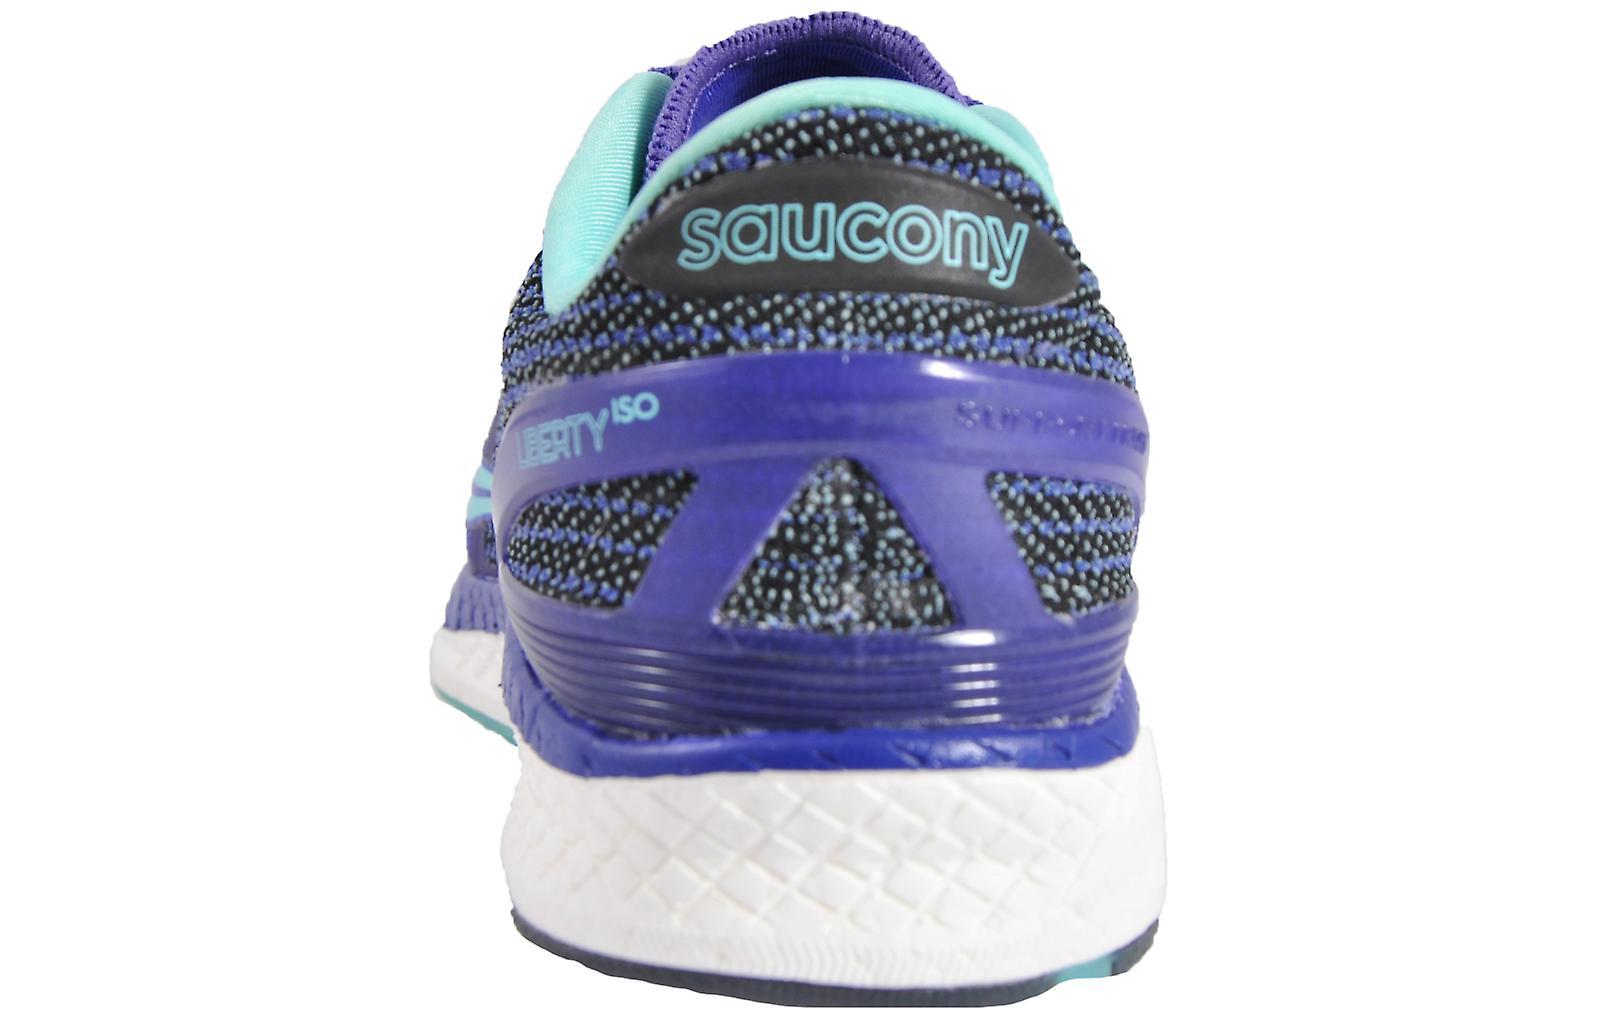 Saucony Liberty ISO Violet / Aqua